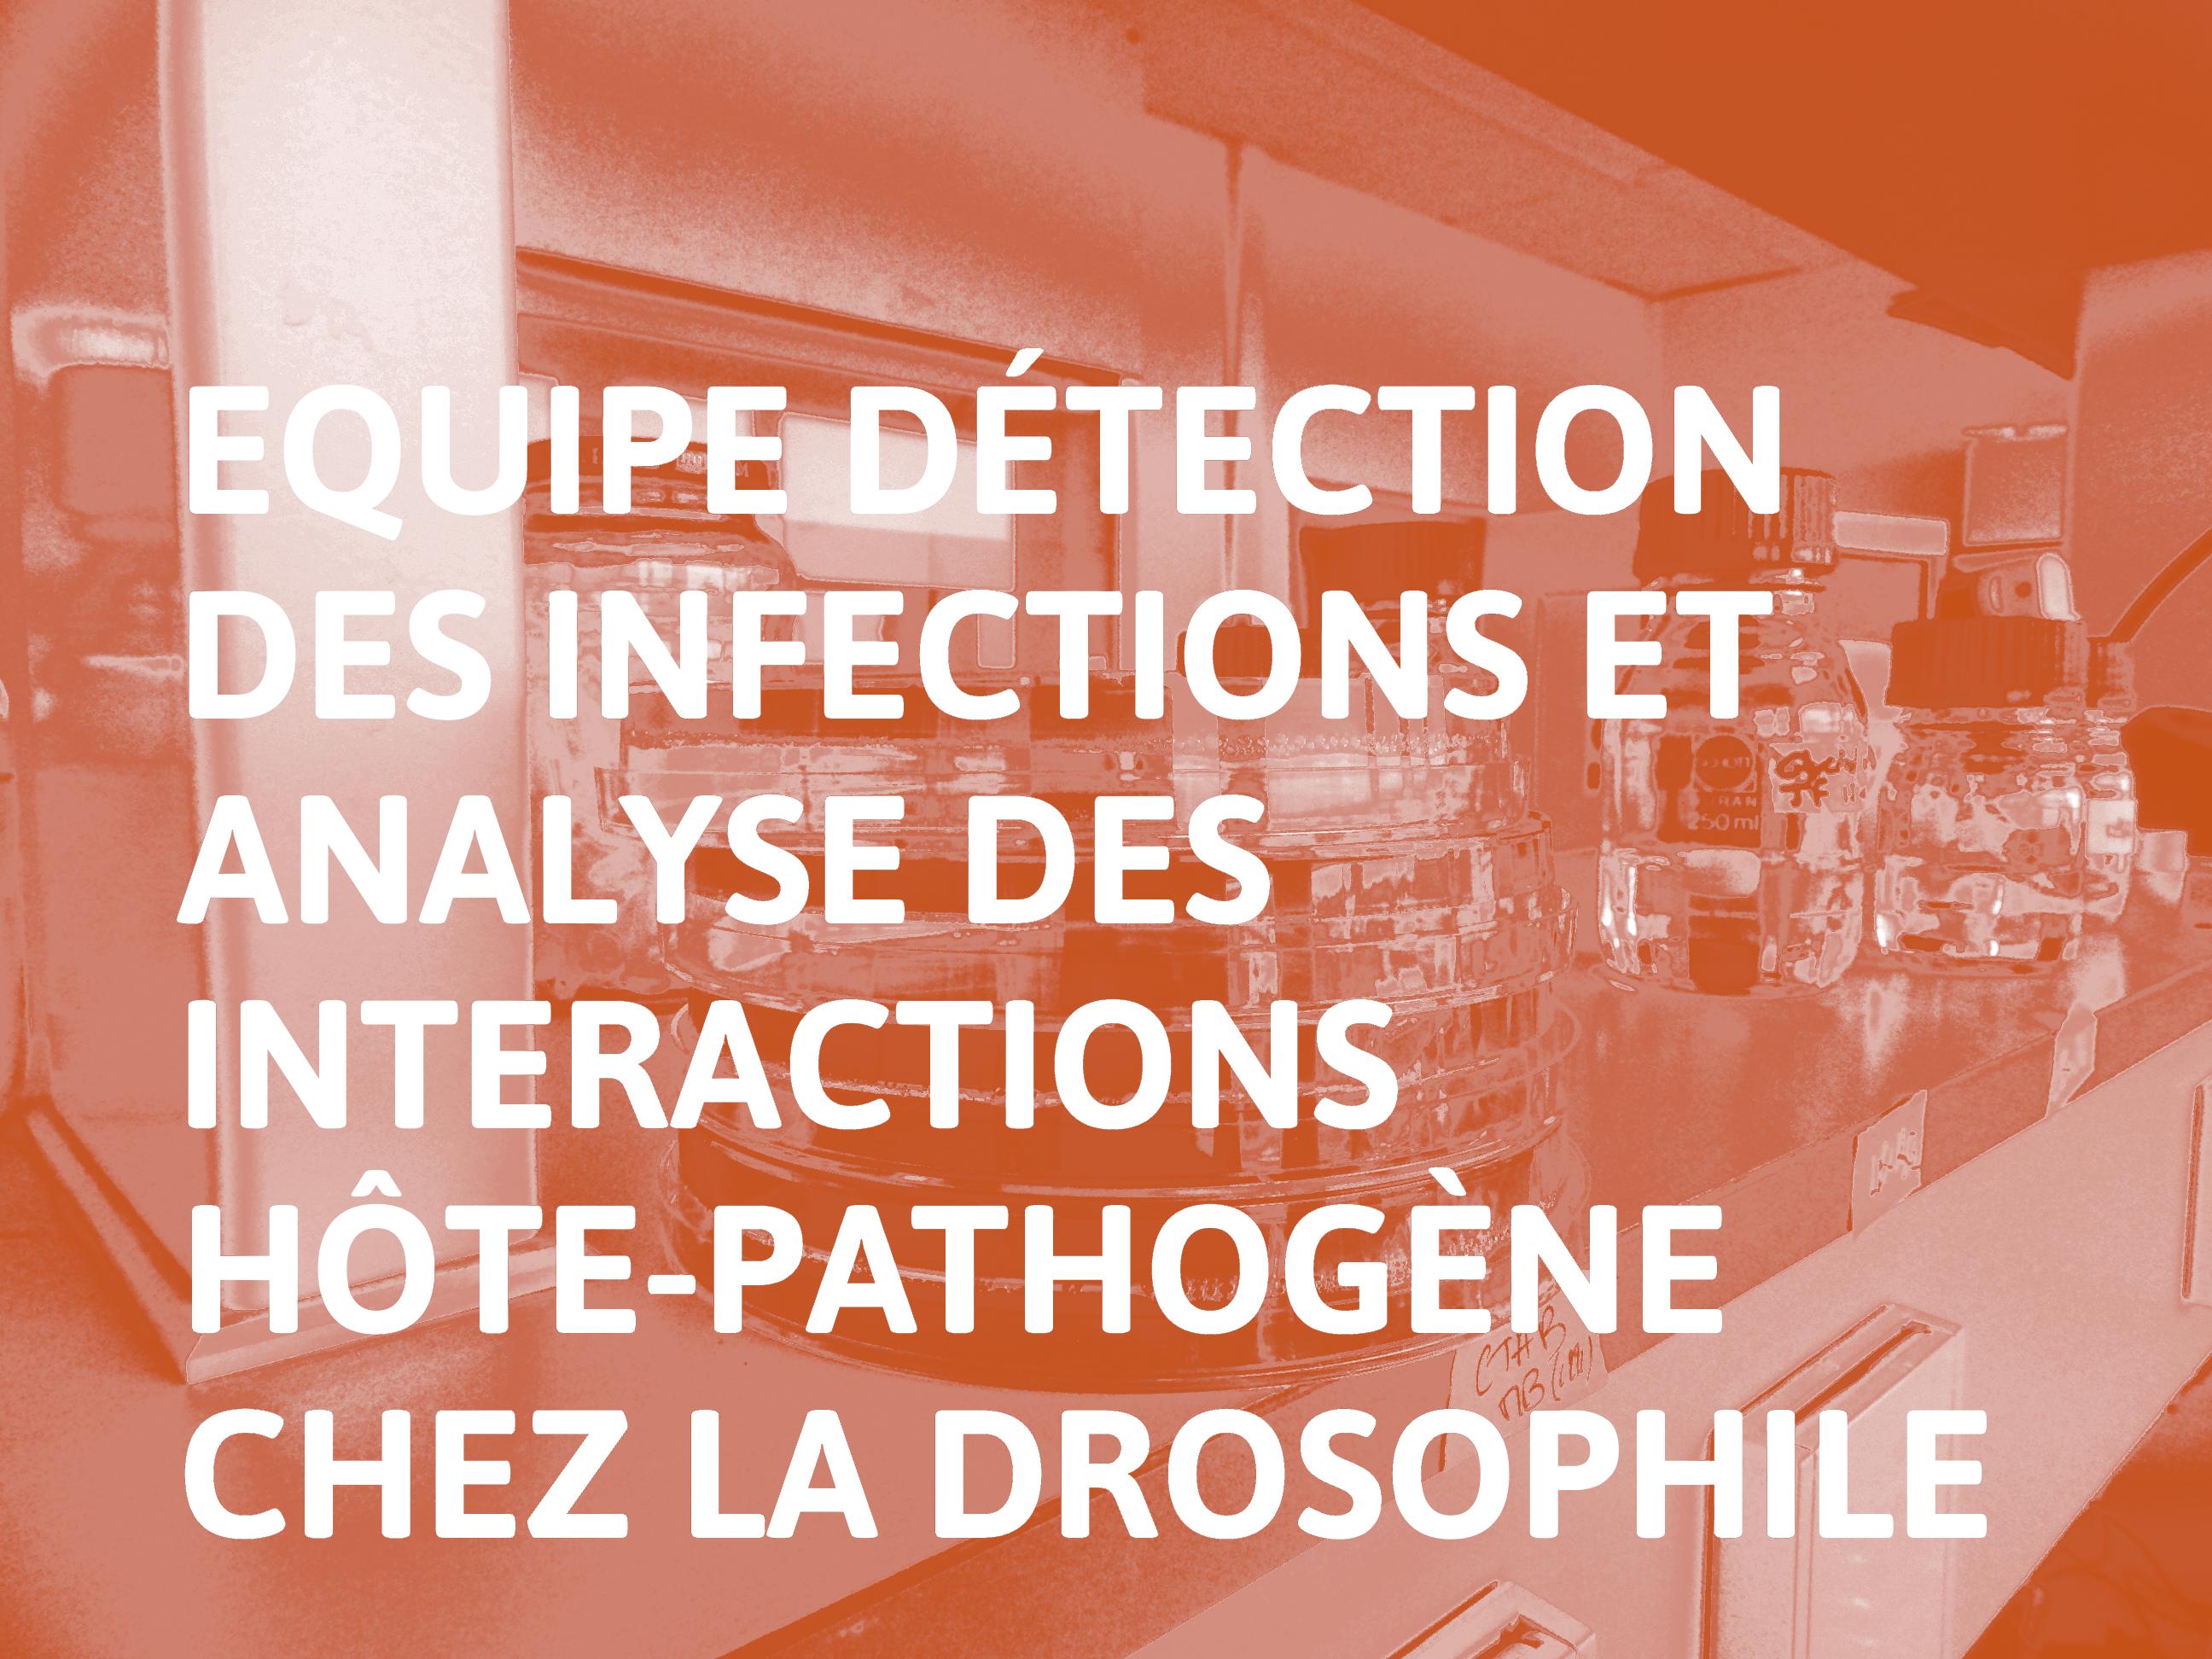 Equipe_Détection_des_infections_et_analyse_des_interactions_hôte-pathogène_chez_la_Drosophile